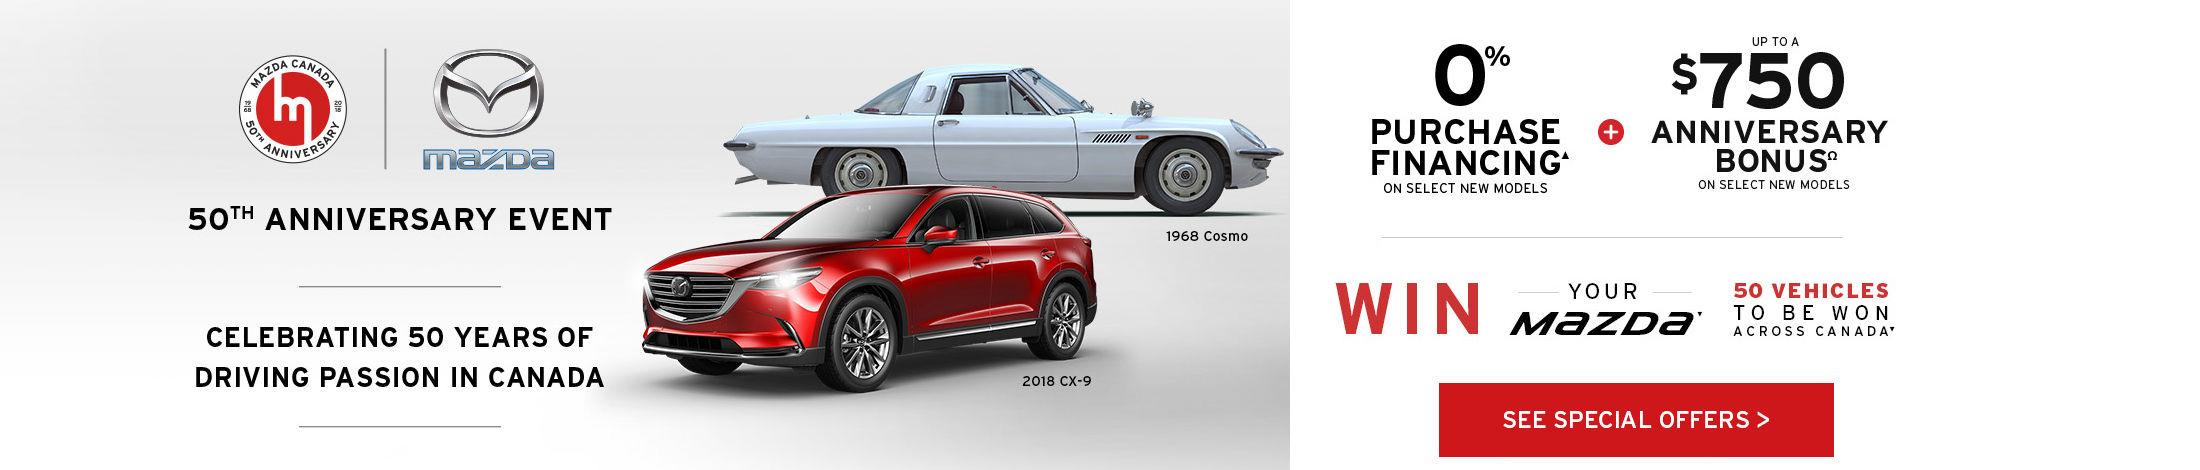 Mazda 50th anniversary event